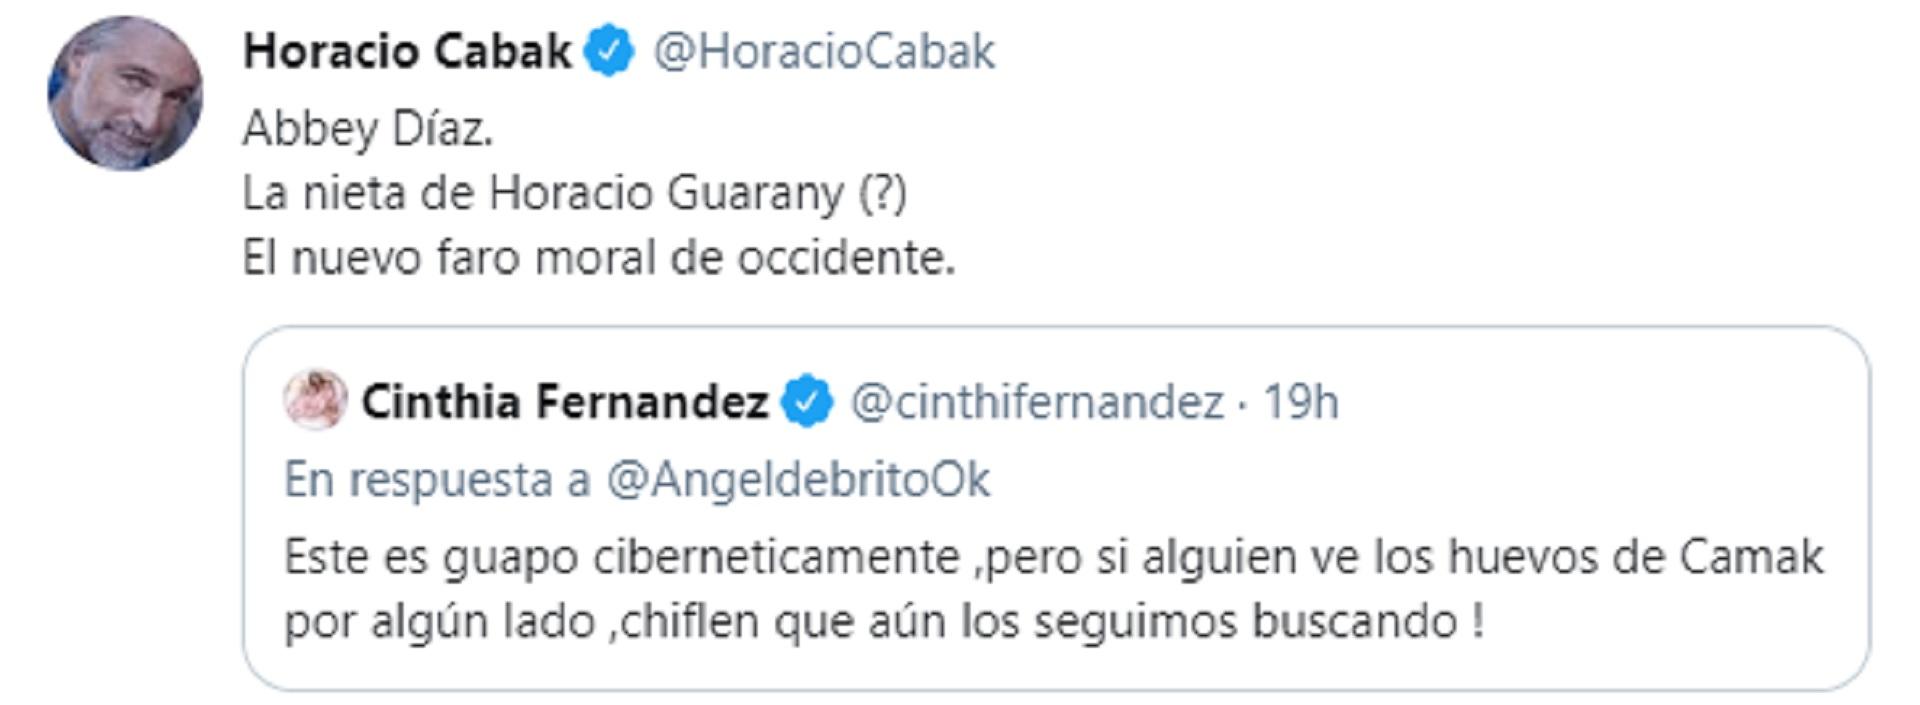 El ida y vuelta entre Cinthia Fernández  y Horacio Cabak en las redes sociales